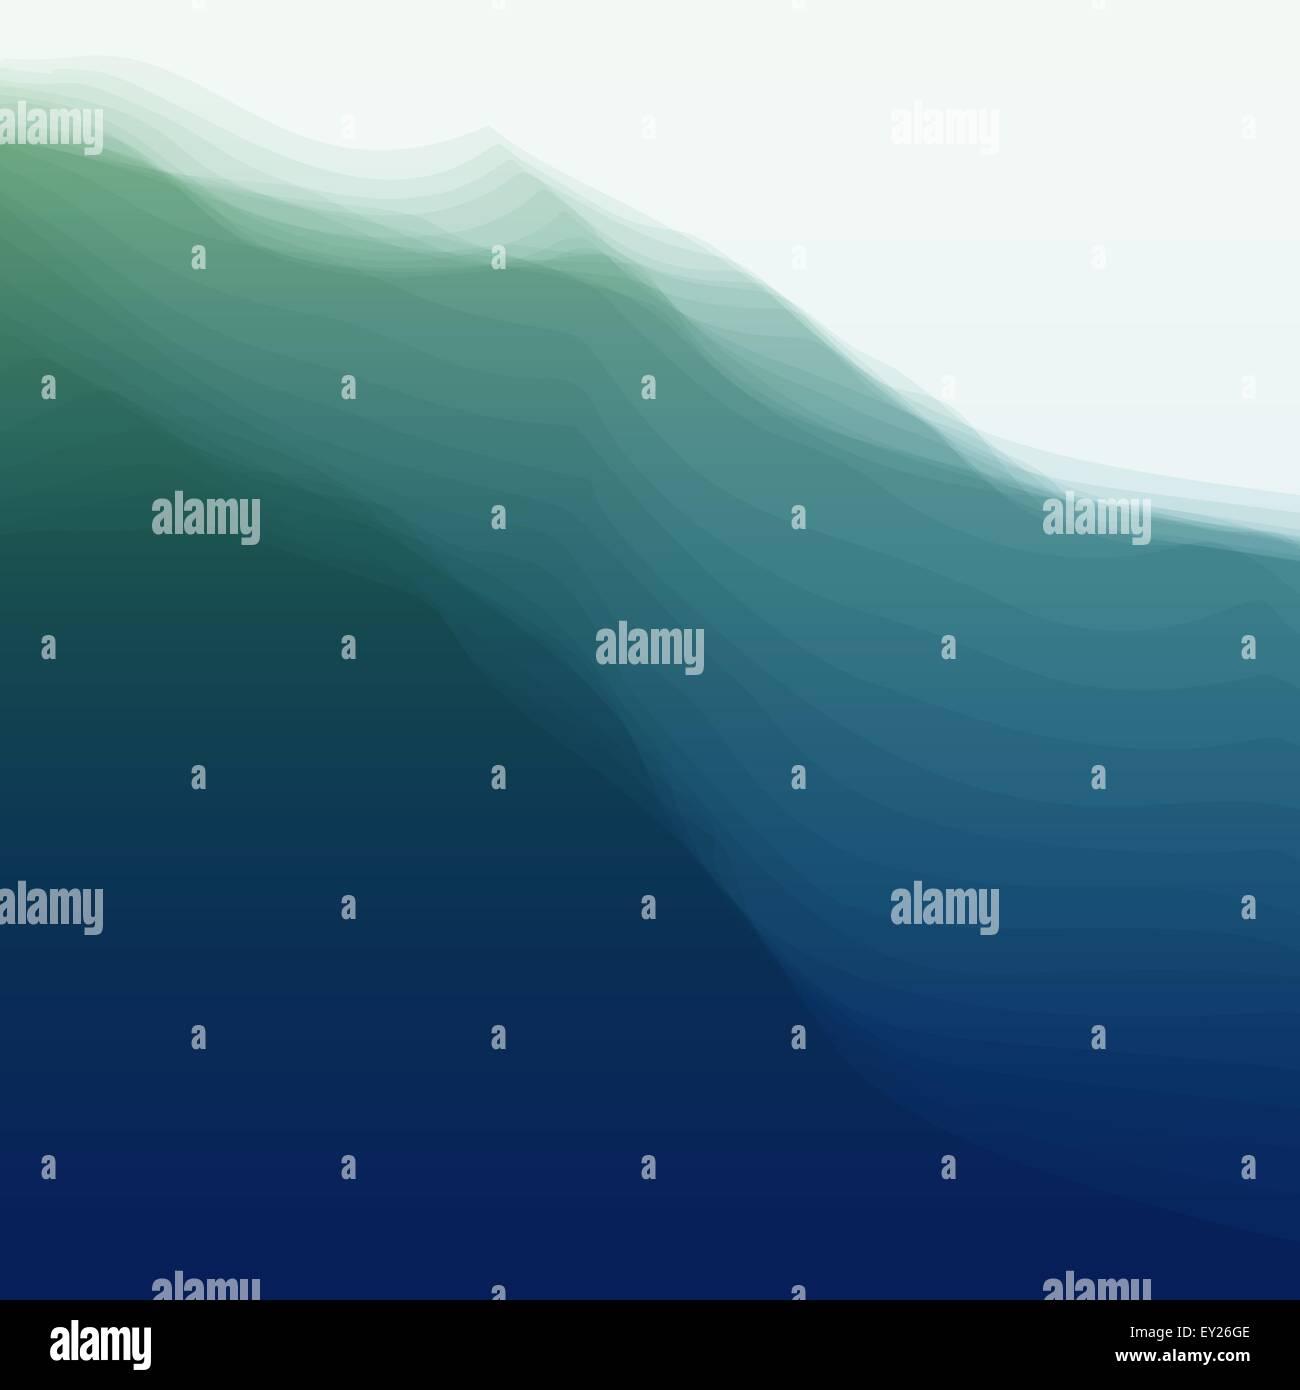 Onda de agua. Ilustración vectorial para su diseño. Imagen De Stock